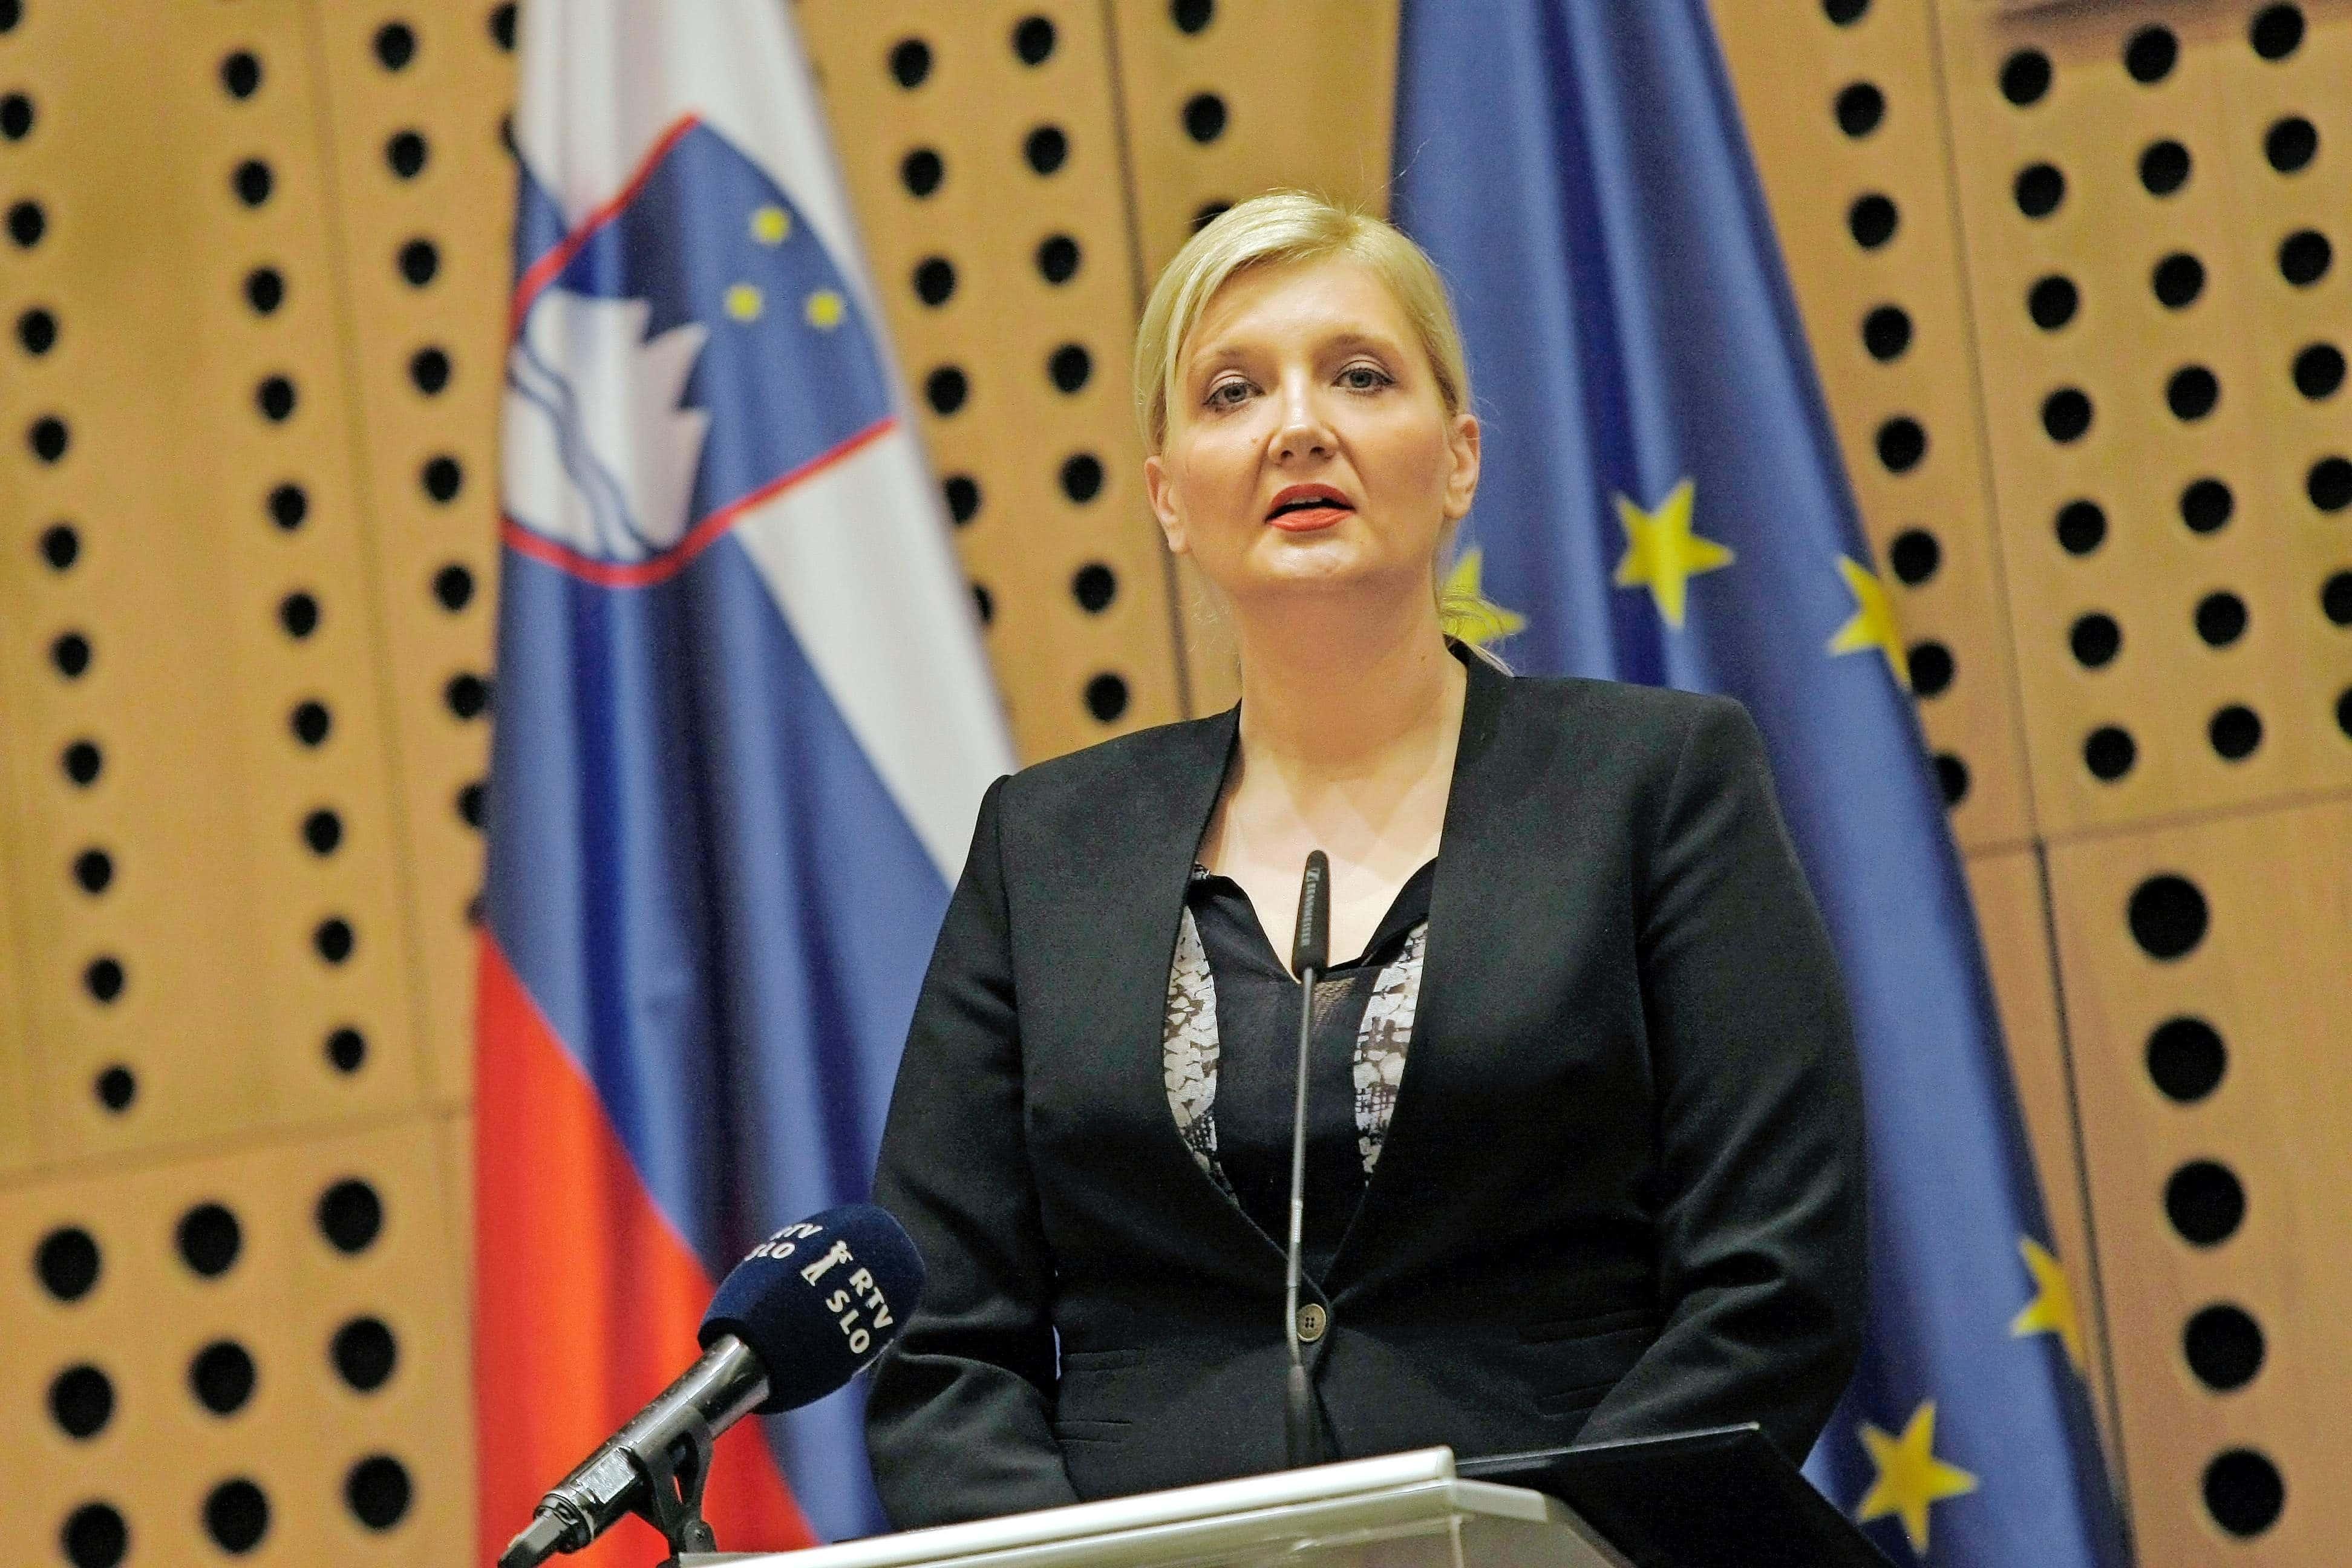 Na zasedanju predvsem o skupnem evropskem azilnem sistemu in solidarnosti